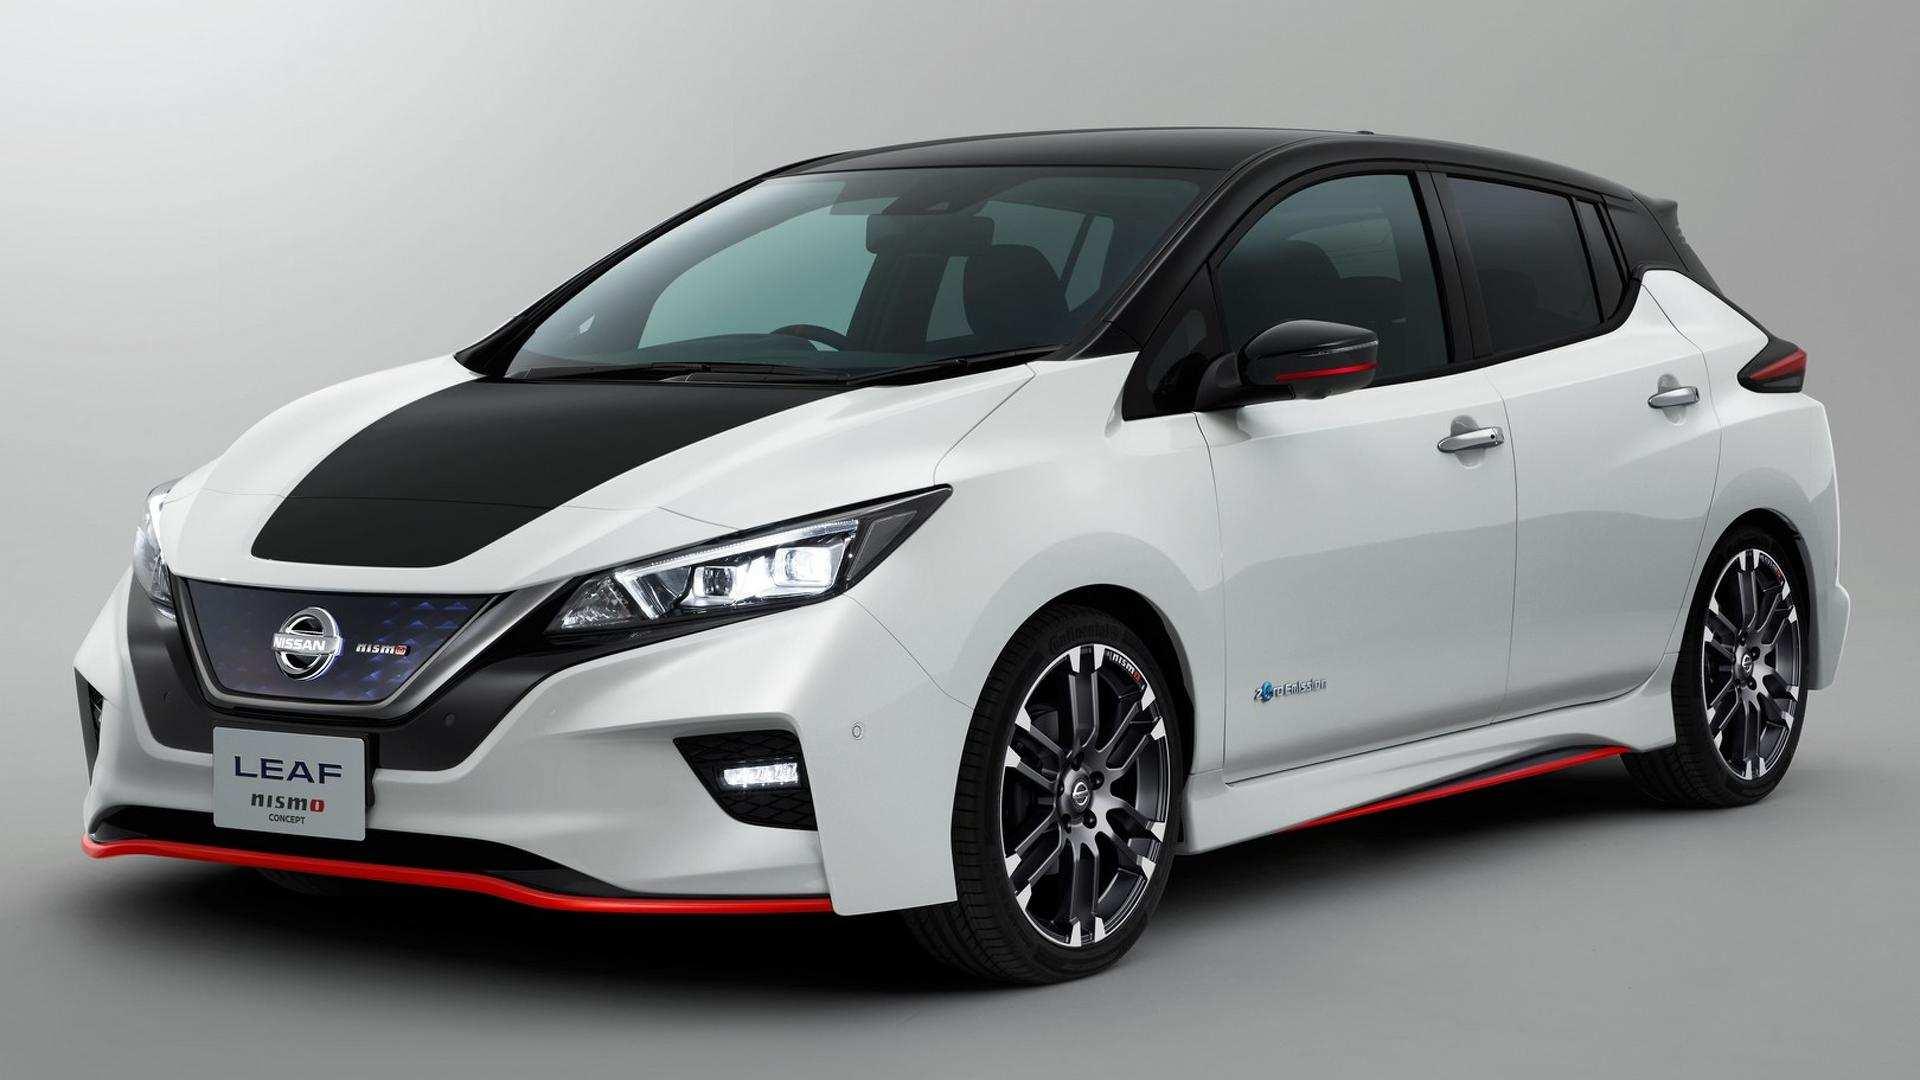 57 Concept of 2019 Nissan Leaf Images by 2019 Nissan Leaf